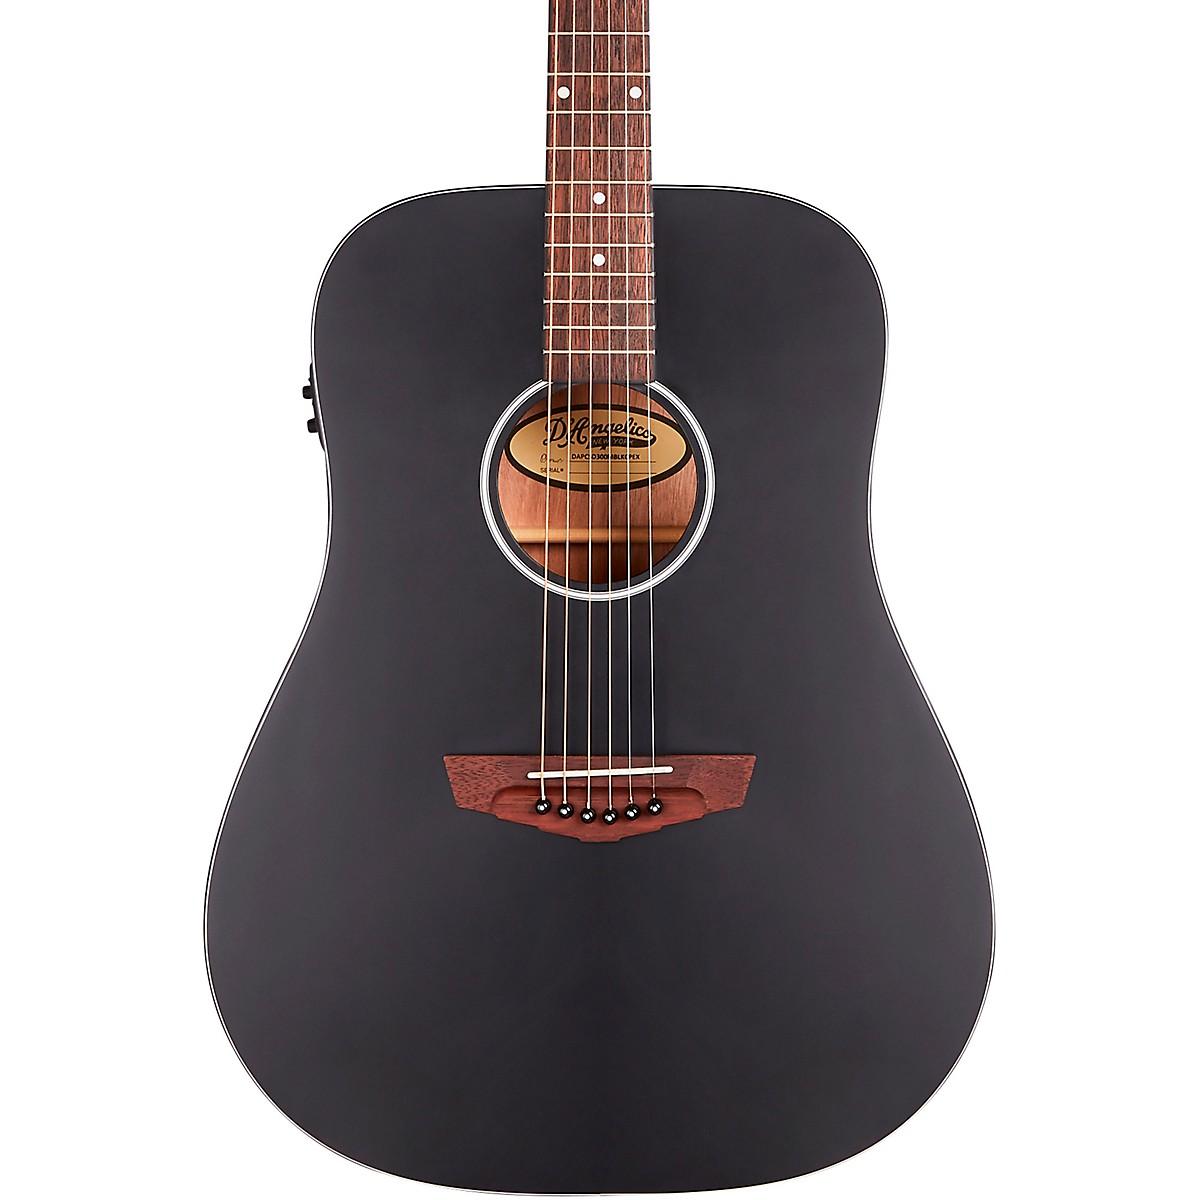 D'Angelico Premier Series Lexington CS Non-Cutaway Dreadnought Acoustic/Electric Guitar